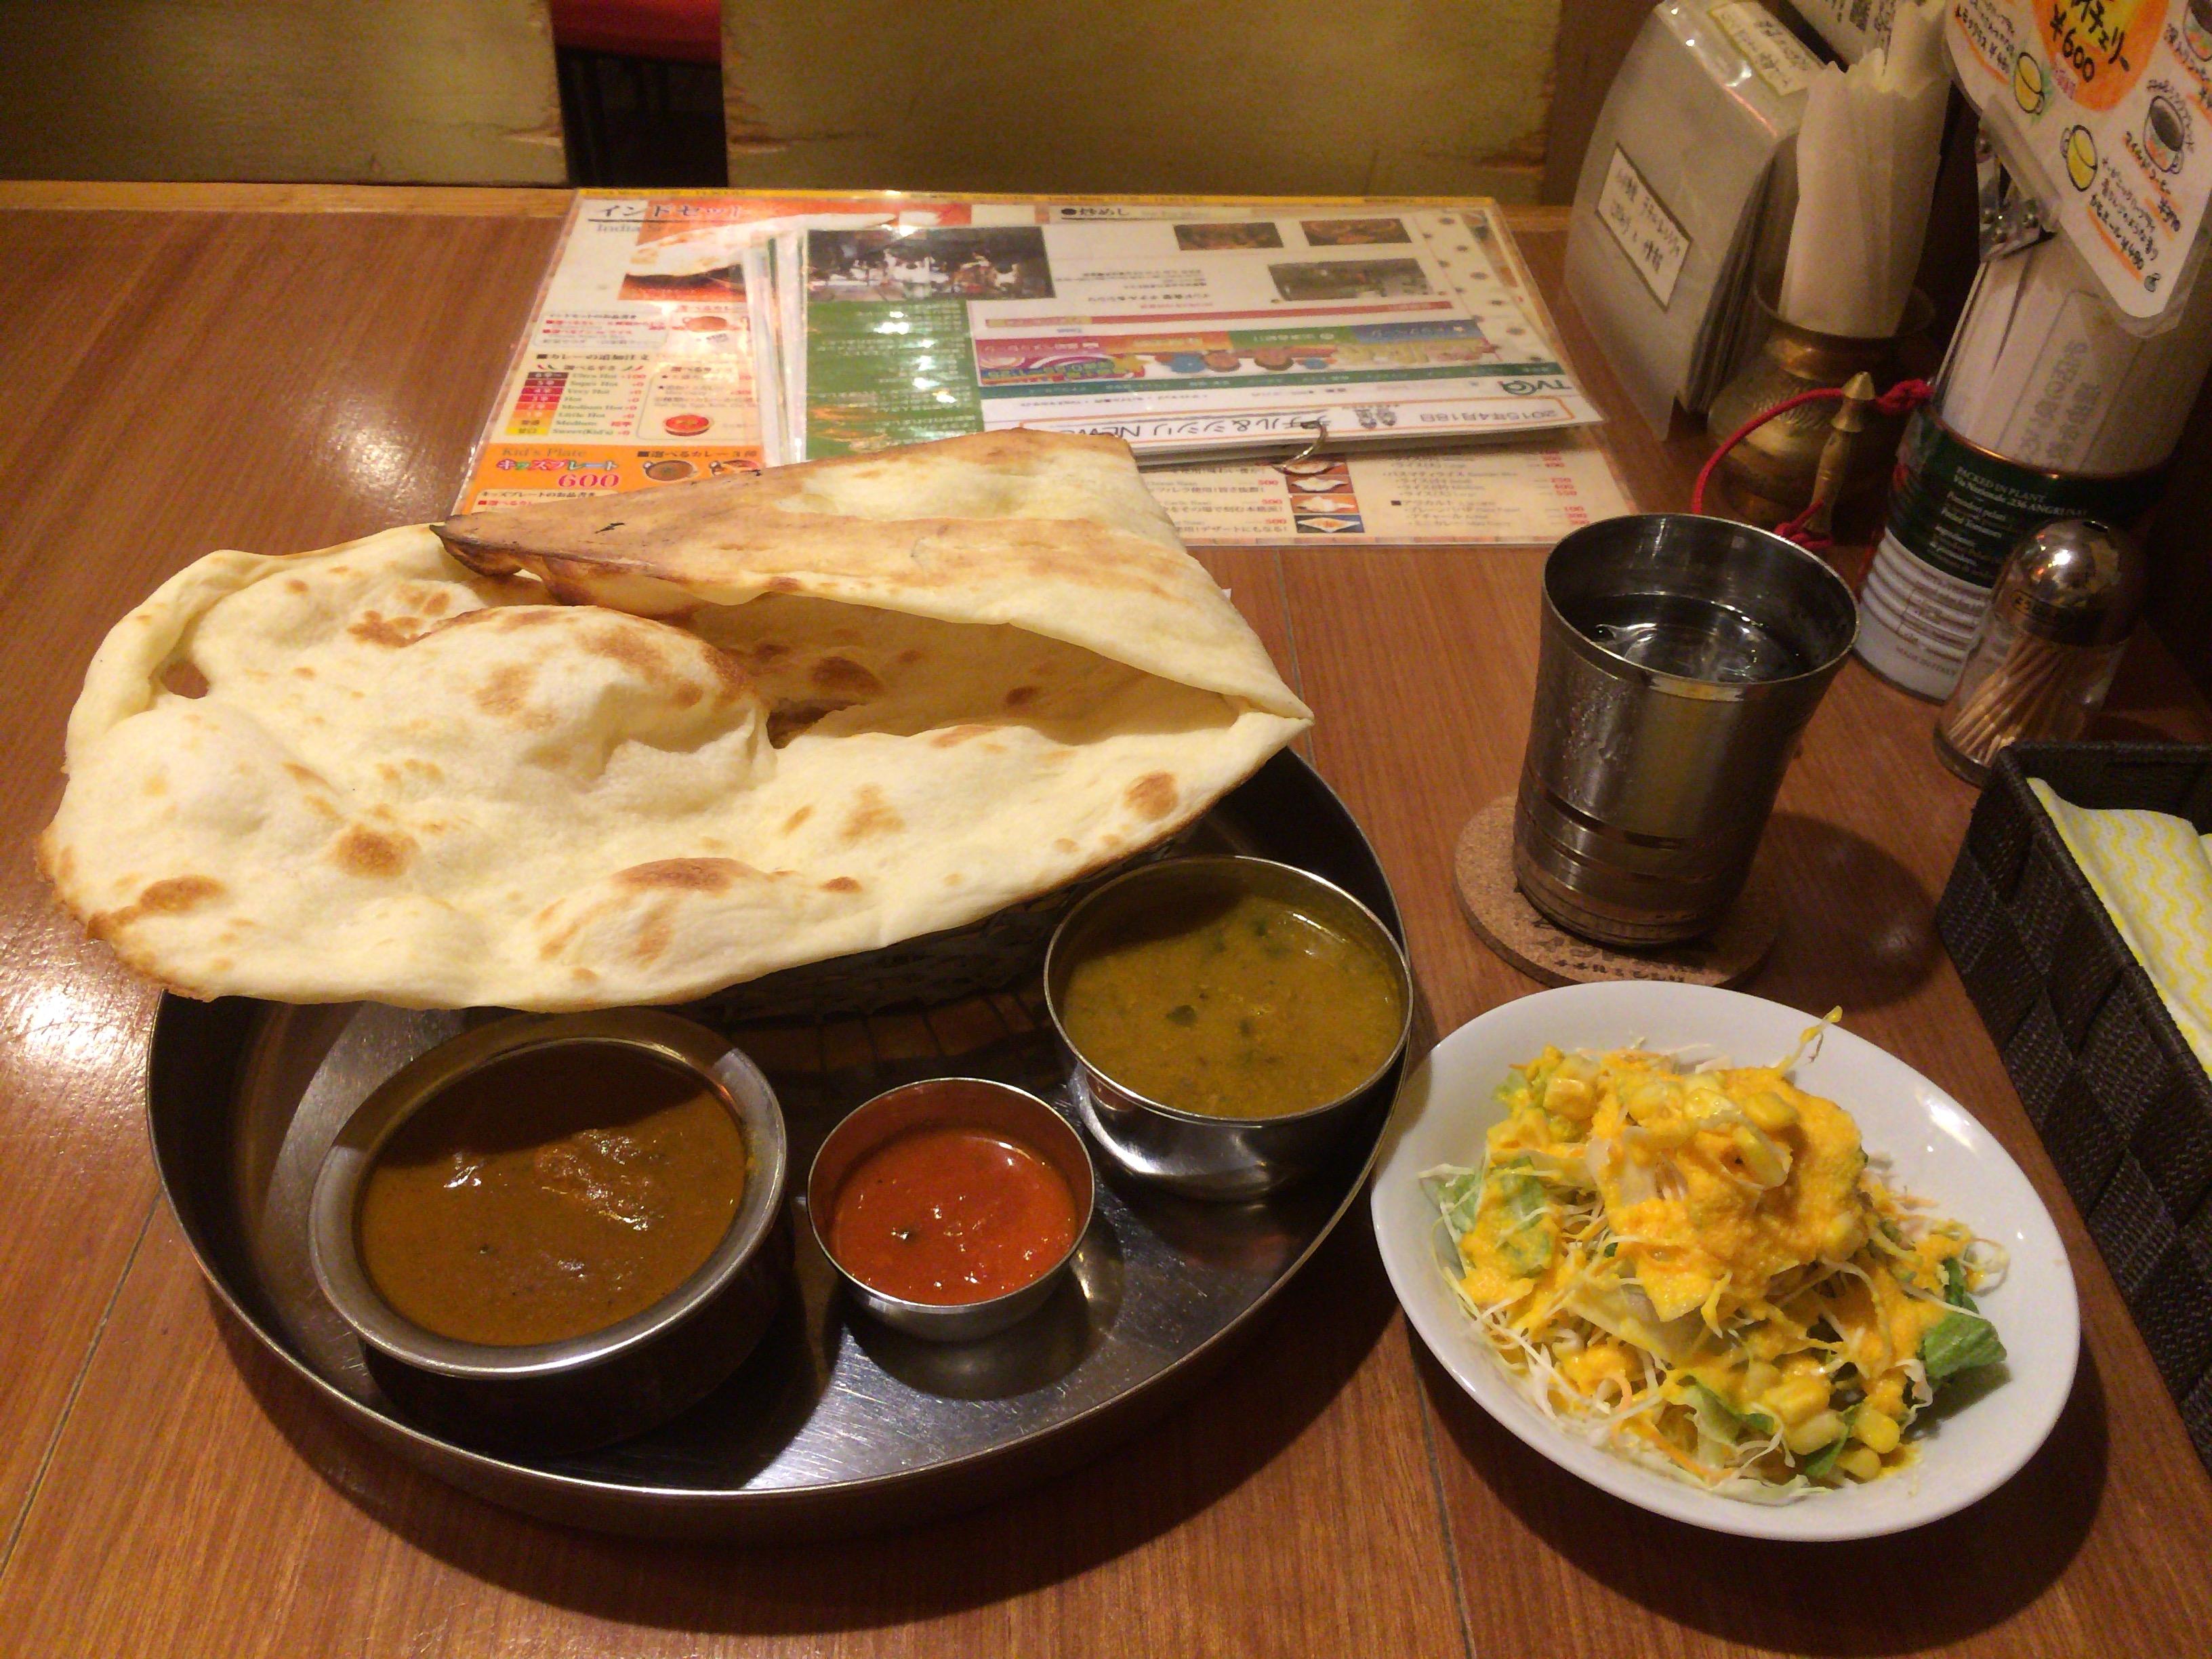 5つ星ホテルレストランシェフが作る!「インド食堂 チチル&シシリ」